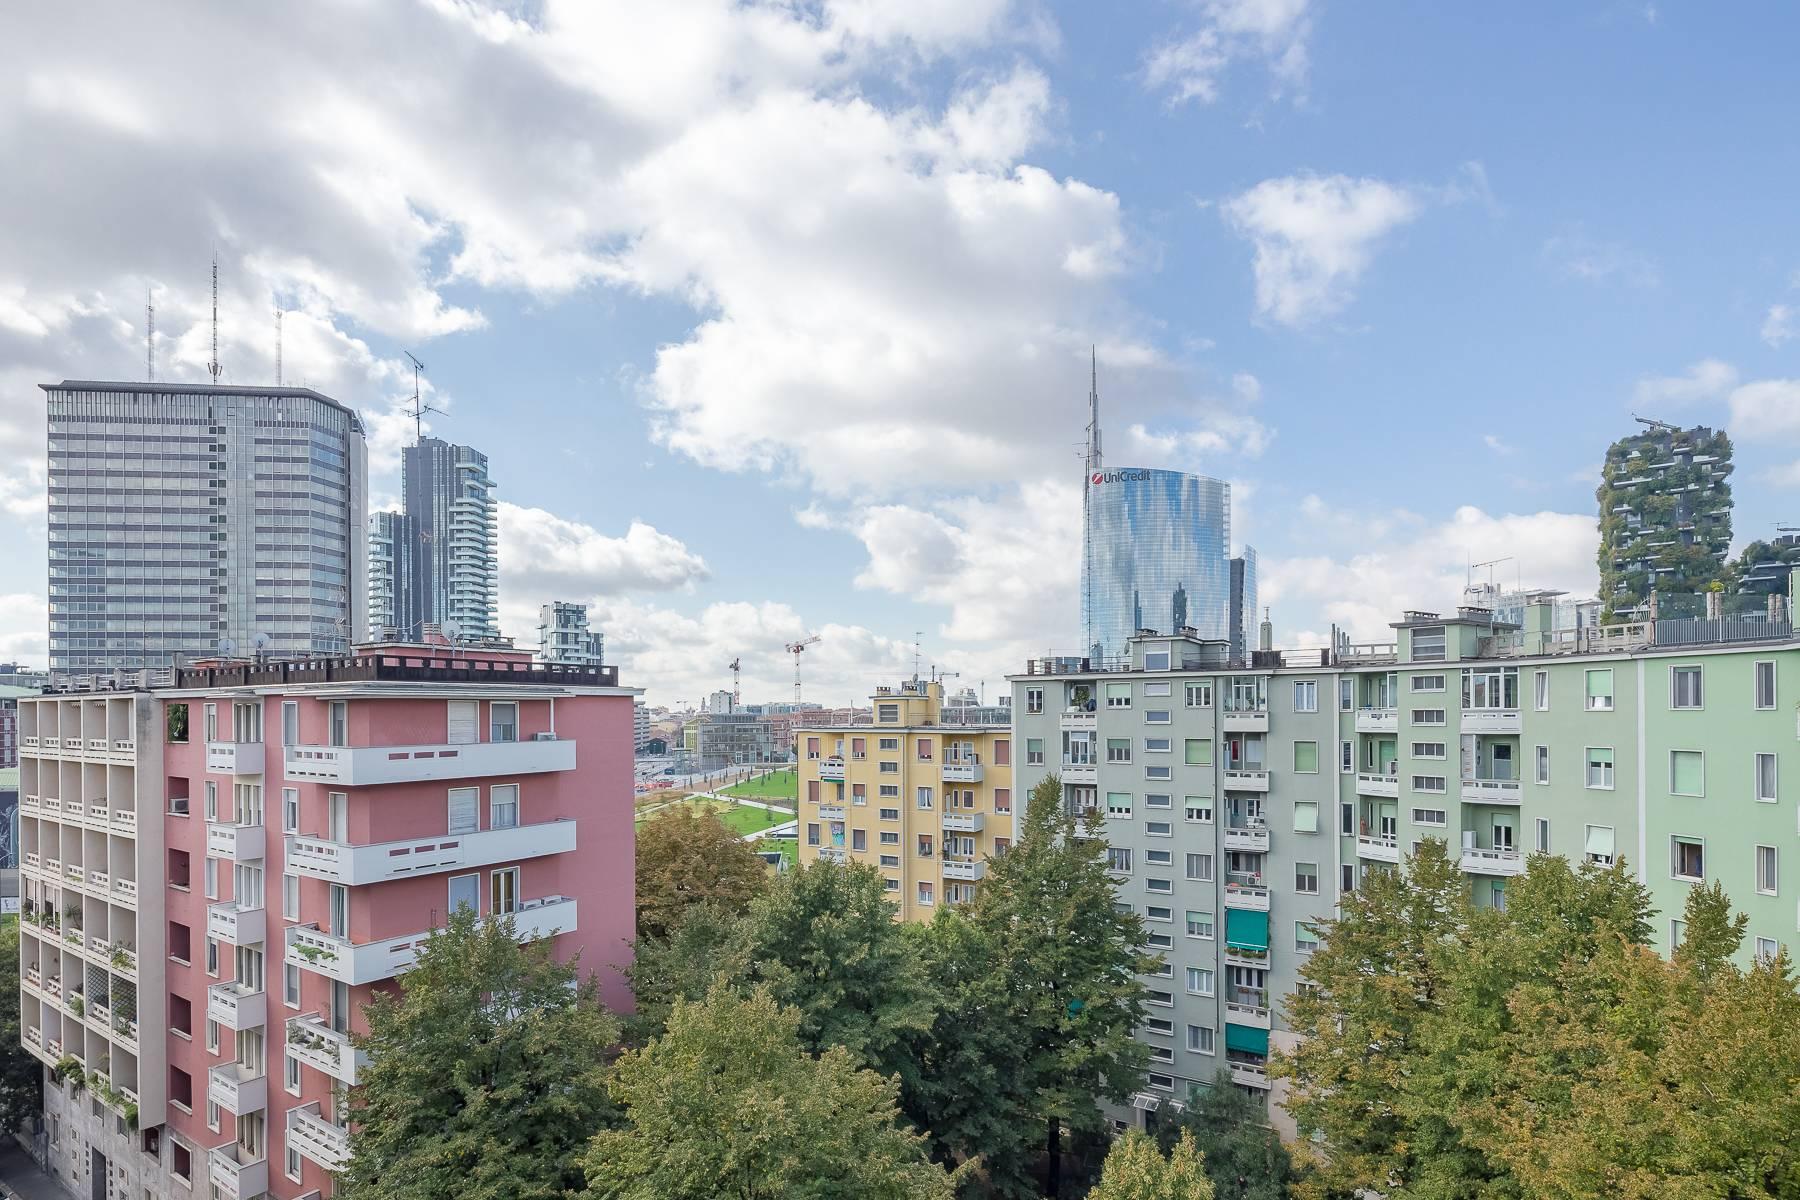 Attico in Affitto a Milano: 3 locali, 115 mq - Foto 1